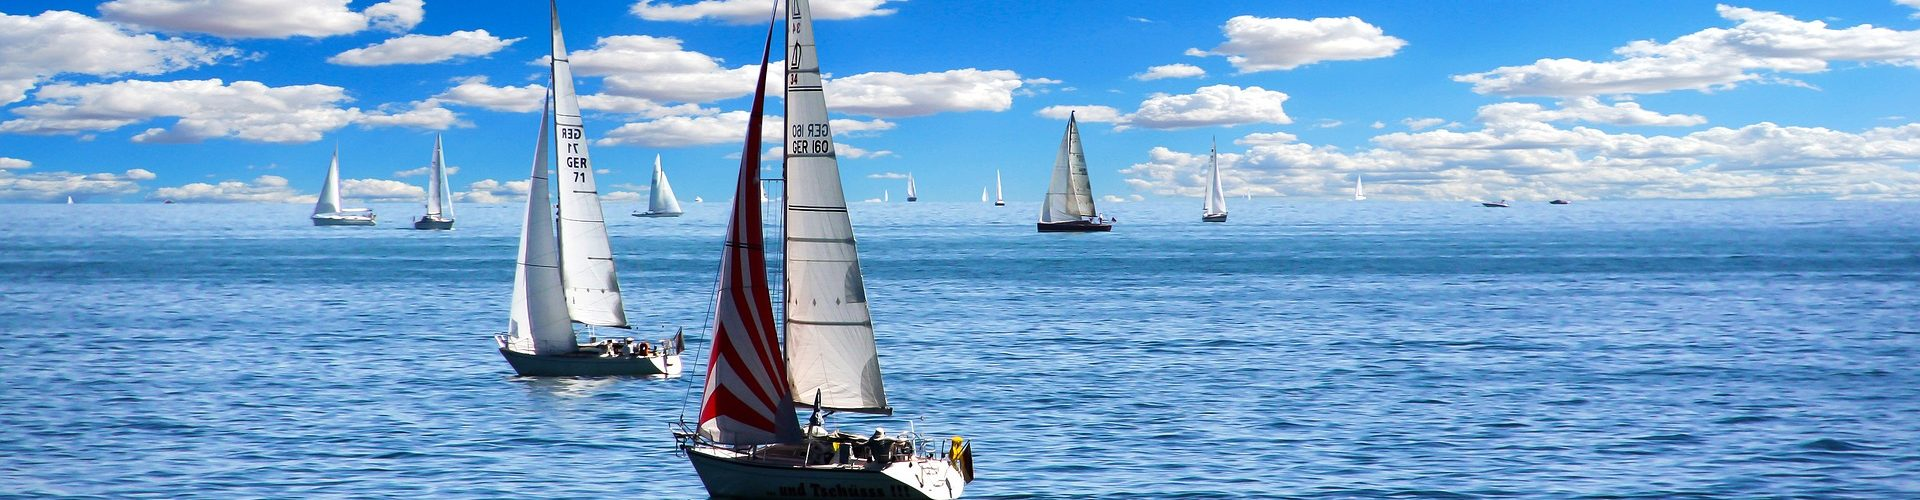 segeln lernen in Brake segelschein machen in Brake 1920x500 - Segeln lernen in Brake